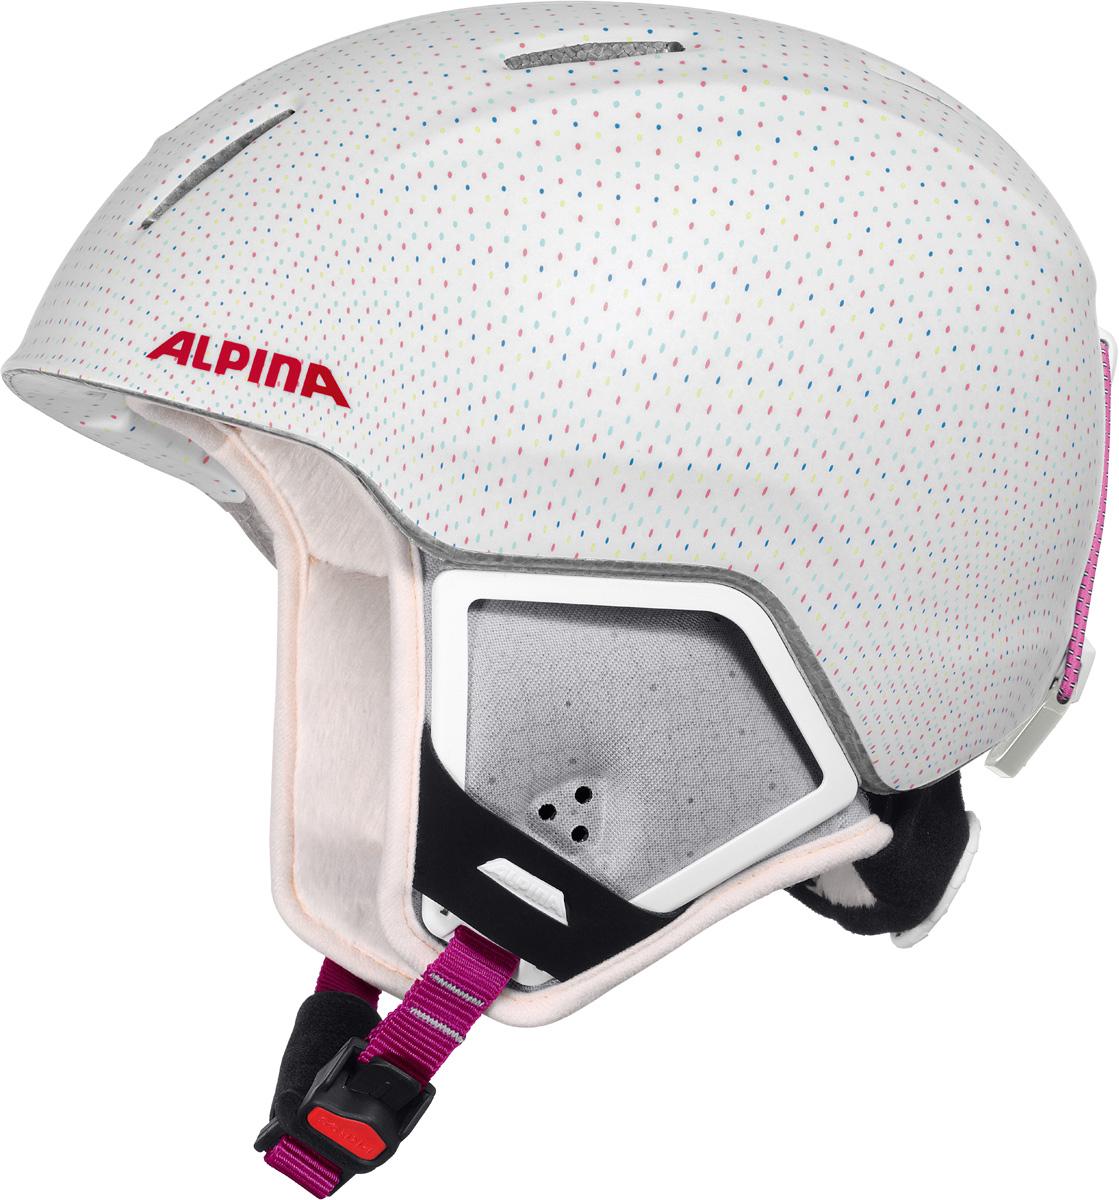 Шлем горнолыжный детский Alpina Carat XT, цвет: белый. A9080_11. Размер 51-55A9080_11Модификация популярнейшего детского горнолыжного шлема Carat с мягкими ушками, которые обеспечивают хорошую вентиляцию и не мешают слуху. Вентиляционные отверстия препятствуют перегреву и позволяют поддерживать идеальную температуру внутри шлема. Для этого инженеры Alpina используют эффект Вентури, чтобы сделать циркуляцию воздуха постоянной и максимально эффективной. Внутренник шлема легко вынимается, стирается, сушится и вставляется обратно. Из задней части шлема можно достать шейный утеплитель из мягкого микро-флиса. Этот теплый воротник также защищает шею от ударов на высокой скорости и при сибирских морозах. В удобной конструкции отсутствуют точки давления на шею. Прочная и легкая конструкция In-mold. Тонкая и прочная поликарбонатная оболочка под воздействием высокой температуры и давления буквально сплавляется с гранулами EPS, которые гасят ударную нагрузку. Внутренная оболочка каждого шлема Alpina состоит из гранул HI-EPS (сильно вспененного полистирола). Микроскопические воздушные карманы эффективно поглощают ударную нагрузку и обеспечивают высокую теплоизоляцию. Эта технология позволяет достичь минимальной толщины оболочки. А так как гранулы HI-EPS не впитывают влагу, их защитный эффект не ослабевает со временем. Удобная и точная система регулировки Run System Ergo Snow позволяет быстро и комфортно подогнать шлем по голове, без создания отдельных точек избыточного давления. Y-образный ремнераспределитель двух ремешков находится под ухом и обеспечивает быструю и точную посадку шлема на голове. Вместо фастекса на ремешке используется красная кнопка с автоматическим запирающим механизмом, которую легко использовать даже в лыжных перчатках. Механизм защищён от произвольного раскрытия при падении.Что взять с собой на горнолыжную прогулку: рассказывают эксперты. Статья OZON Гид